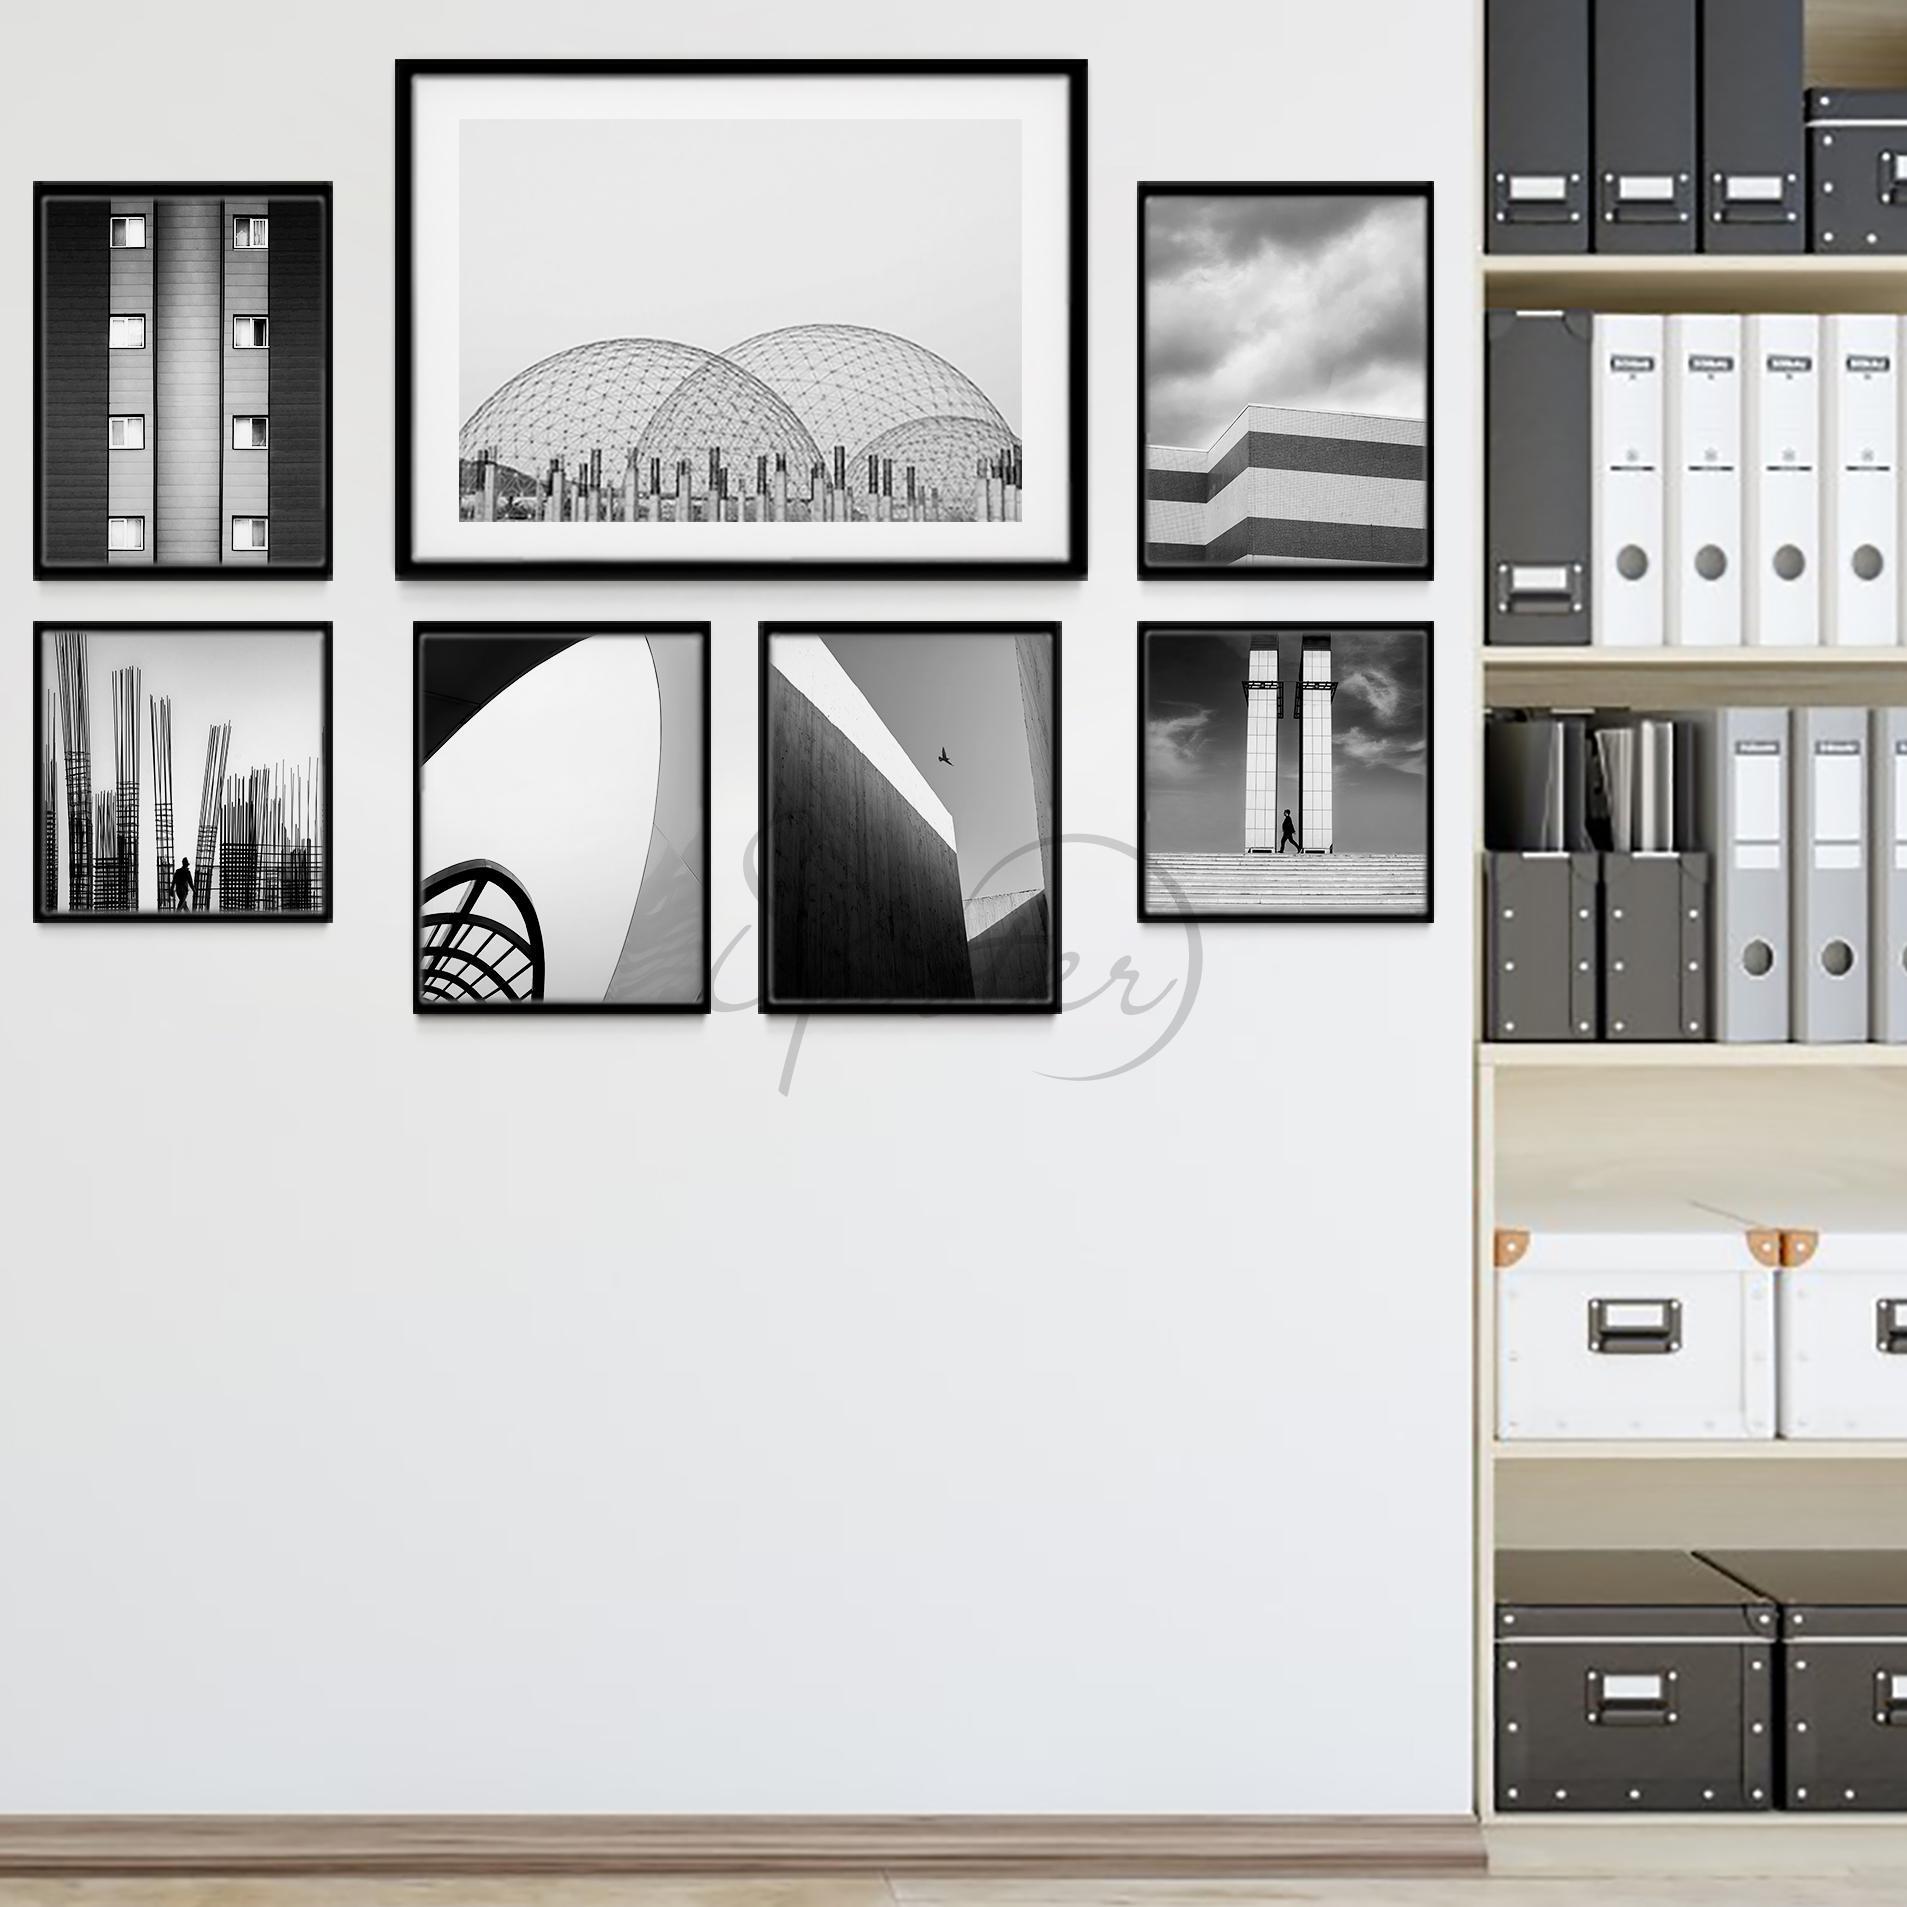 مجموعه تابلو معماری مینیمال